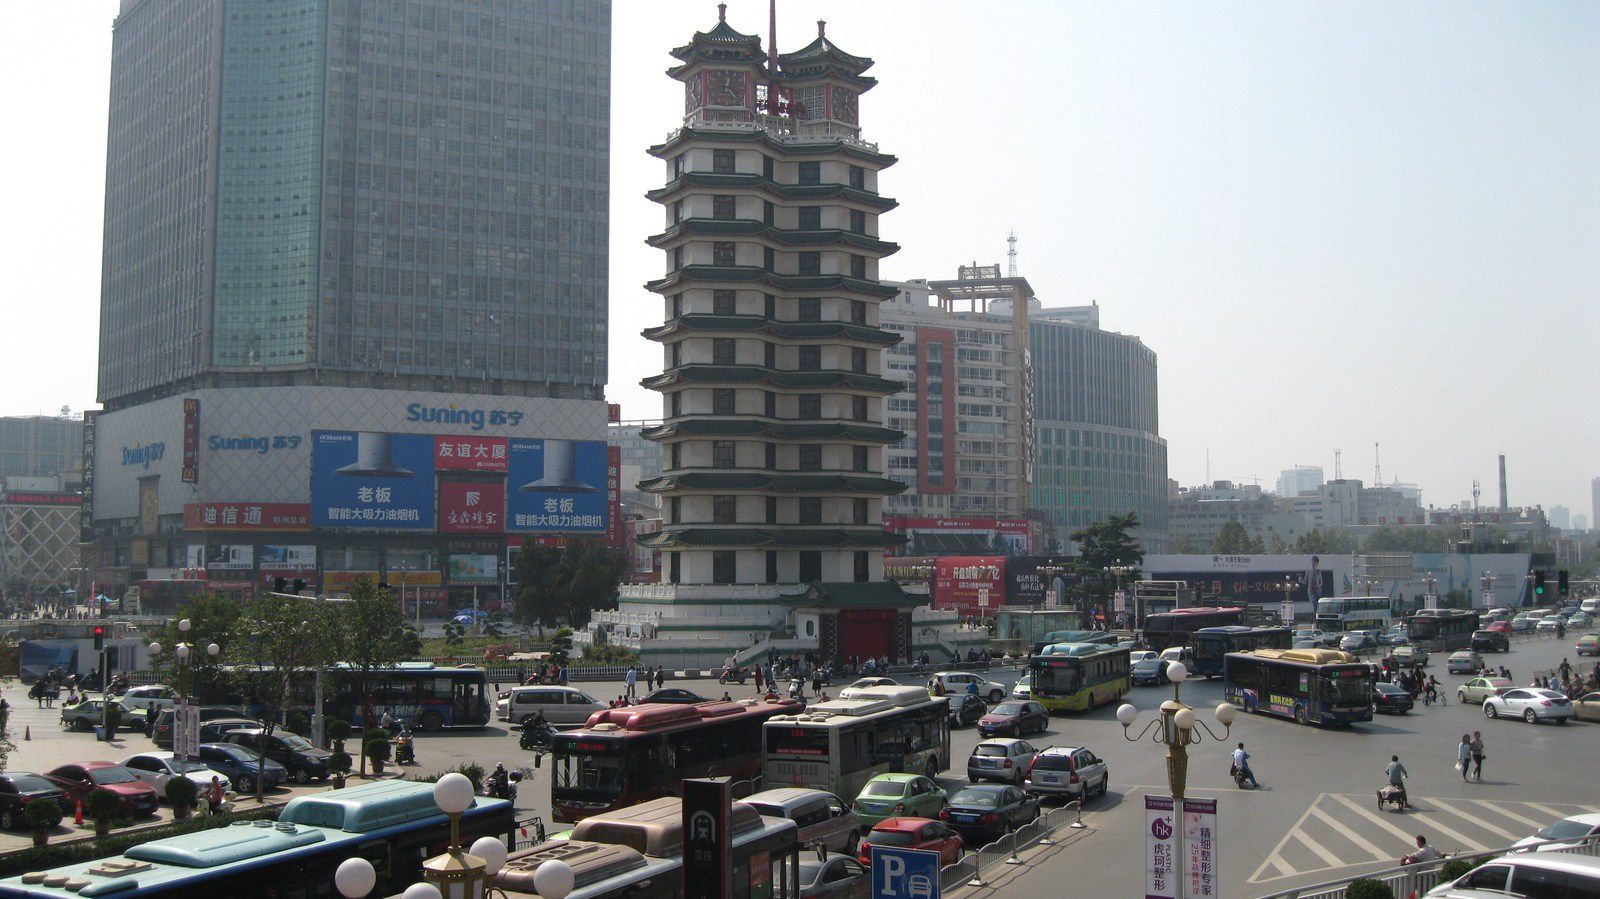 Les 10 villes chinoises avec le plus de voitures